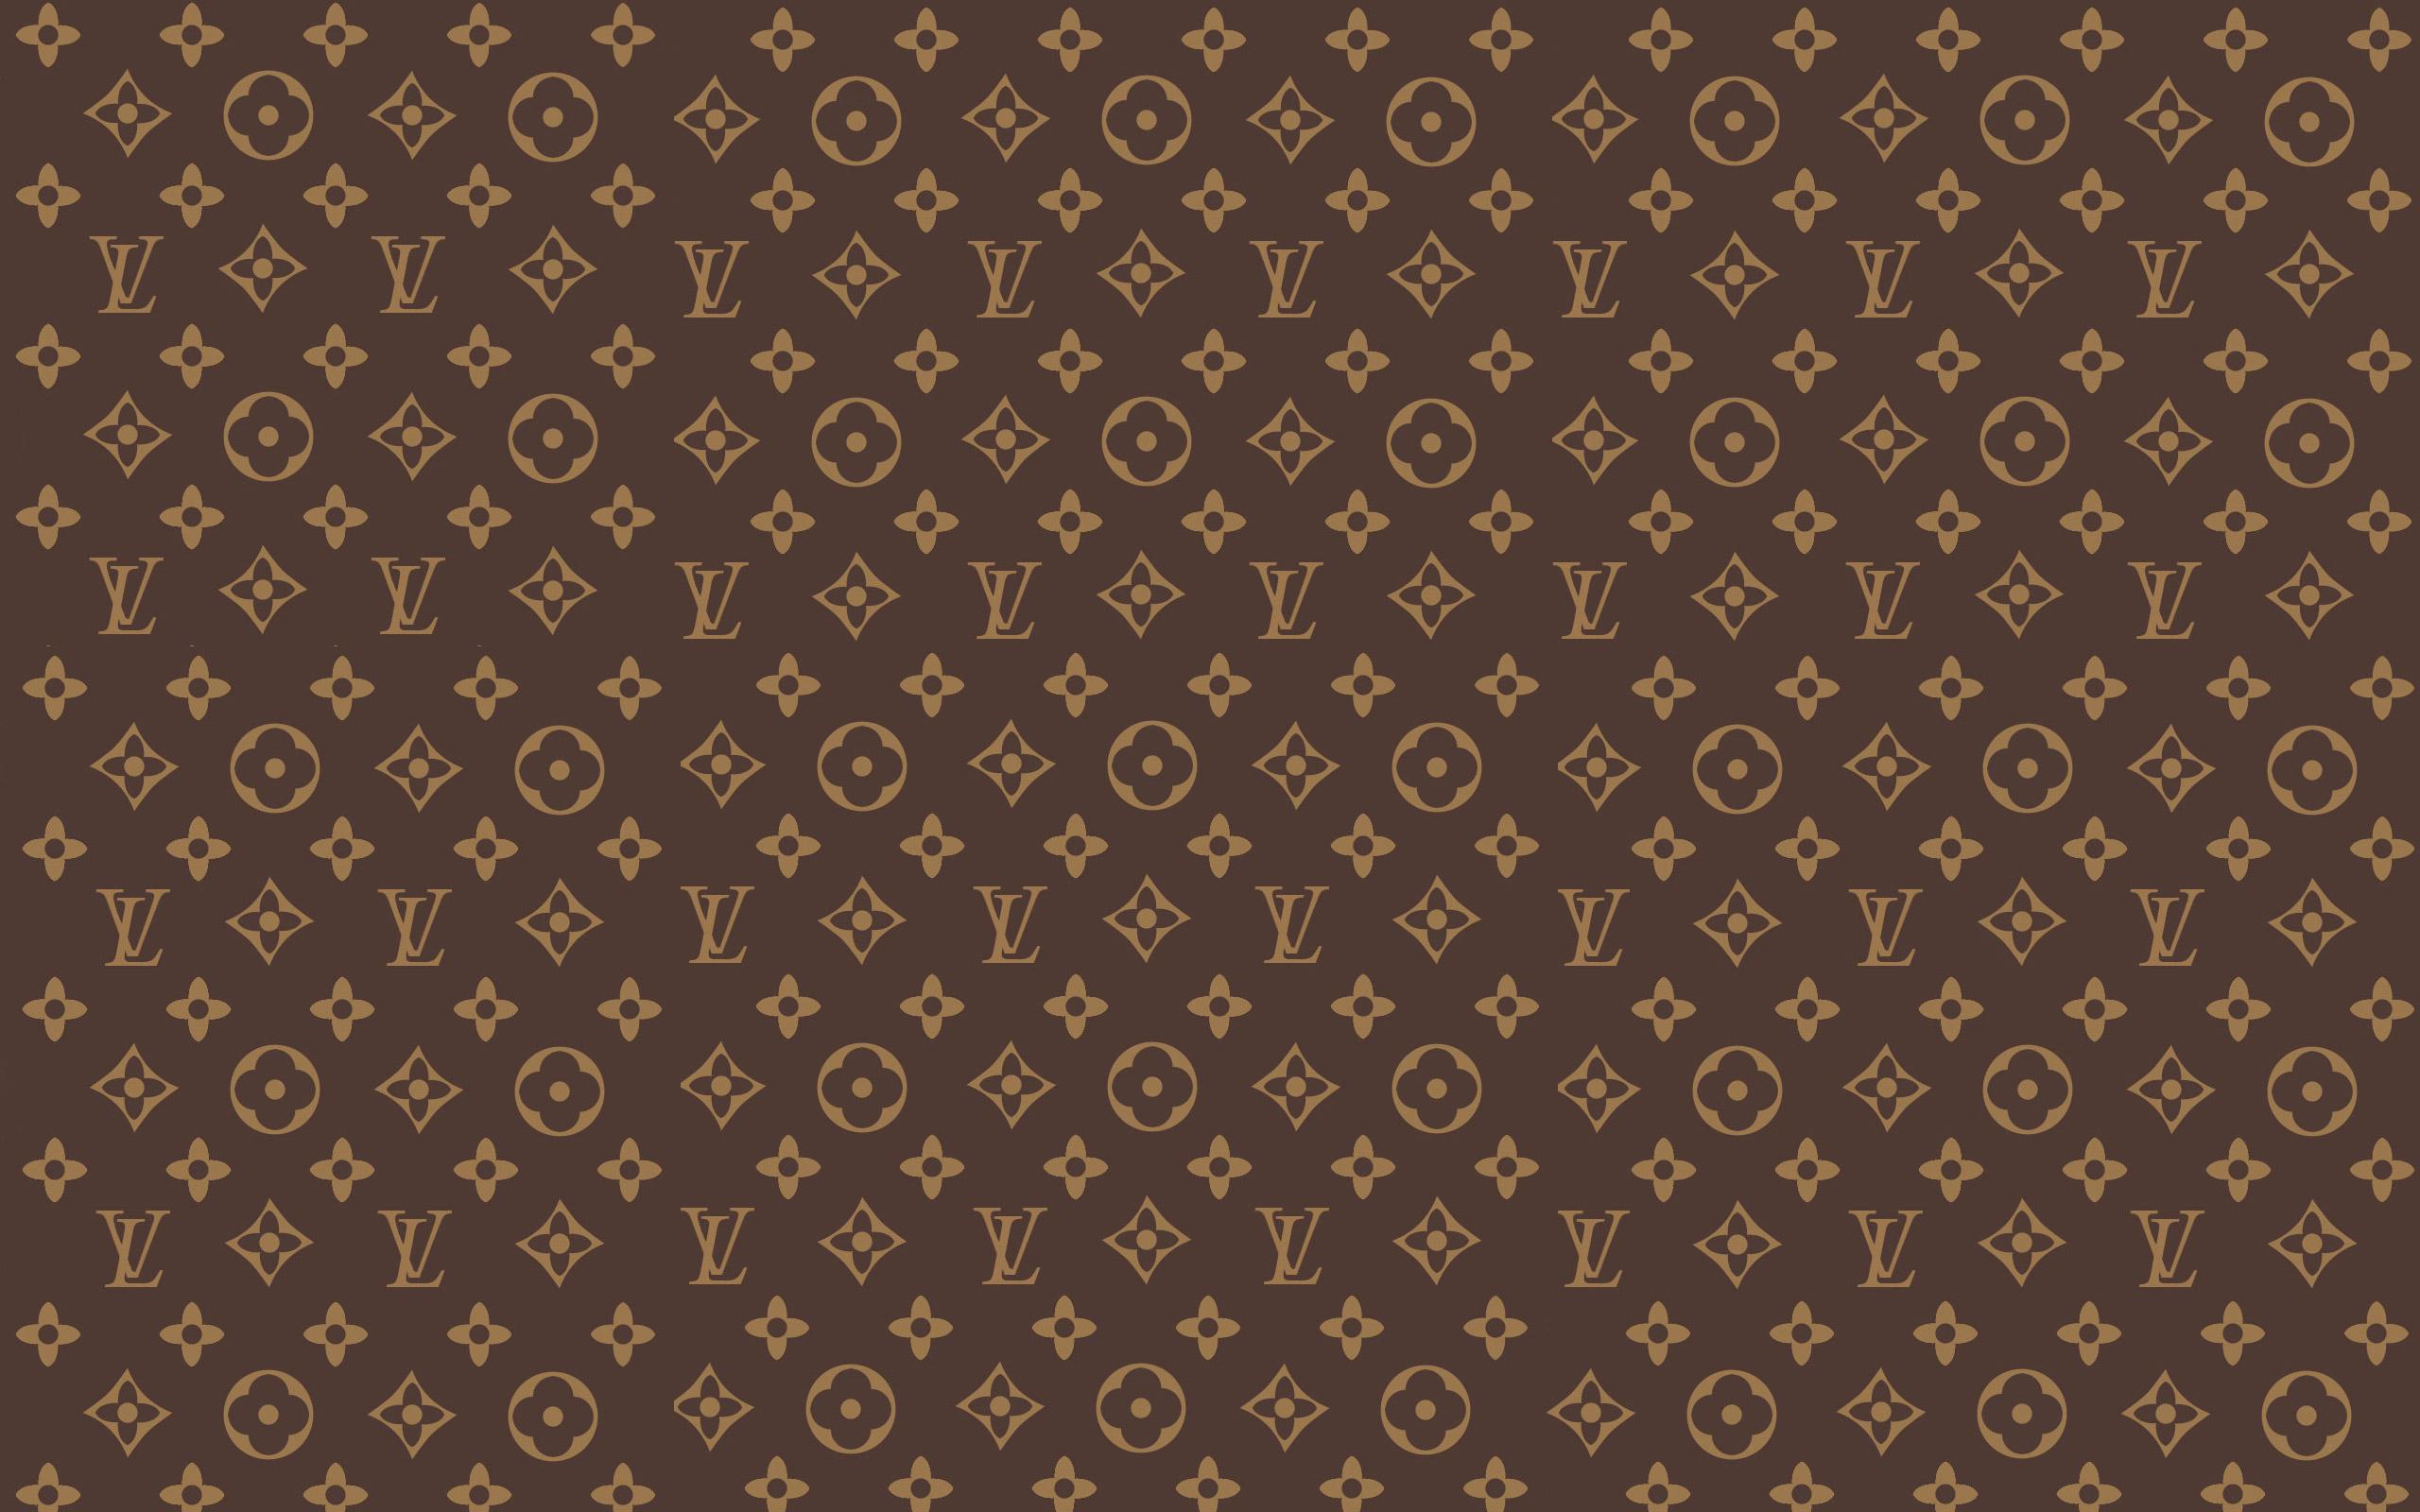 Fonds d'écran Louis Vuitton PC et Tablettes (iPad, etc...)